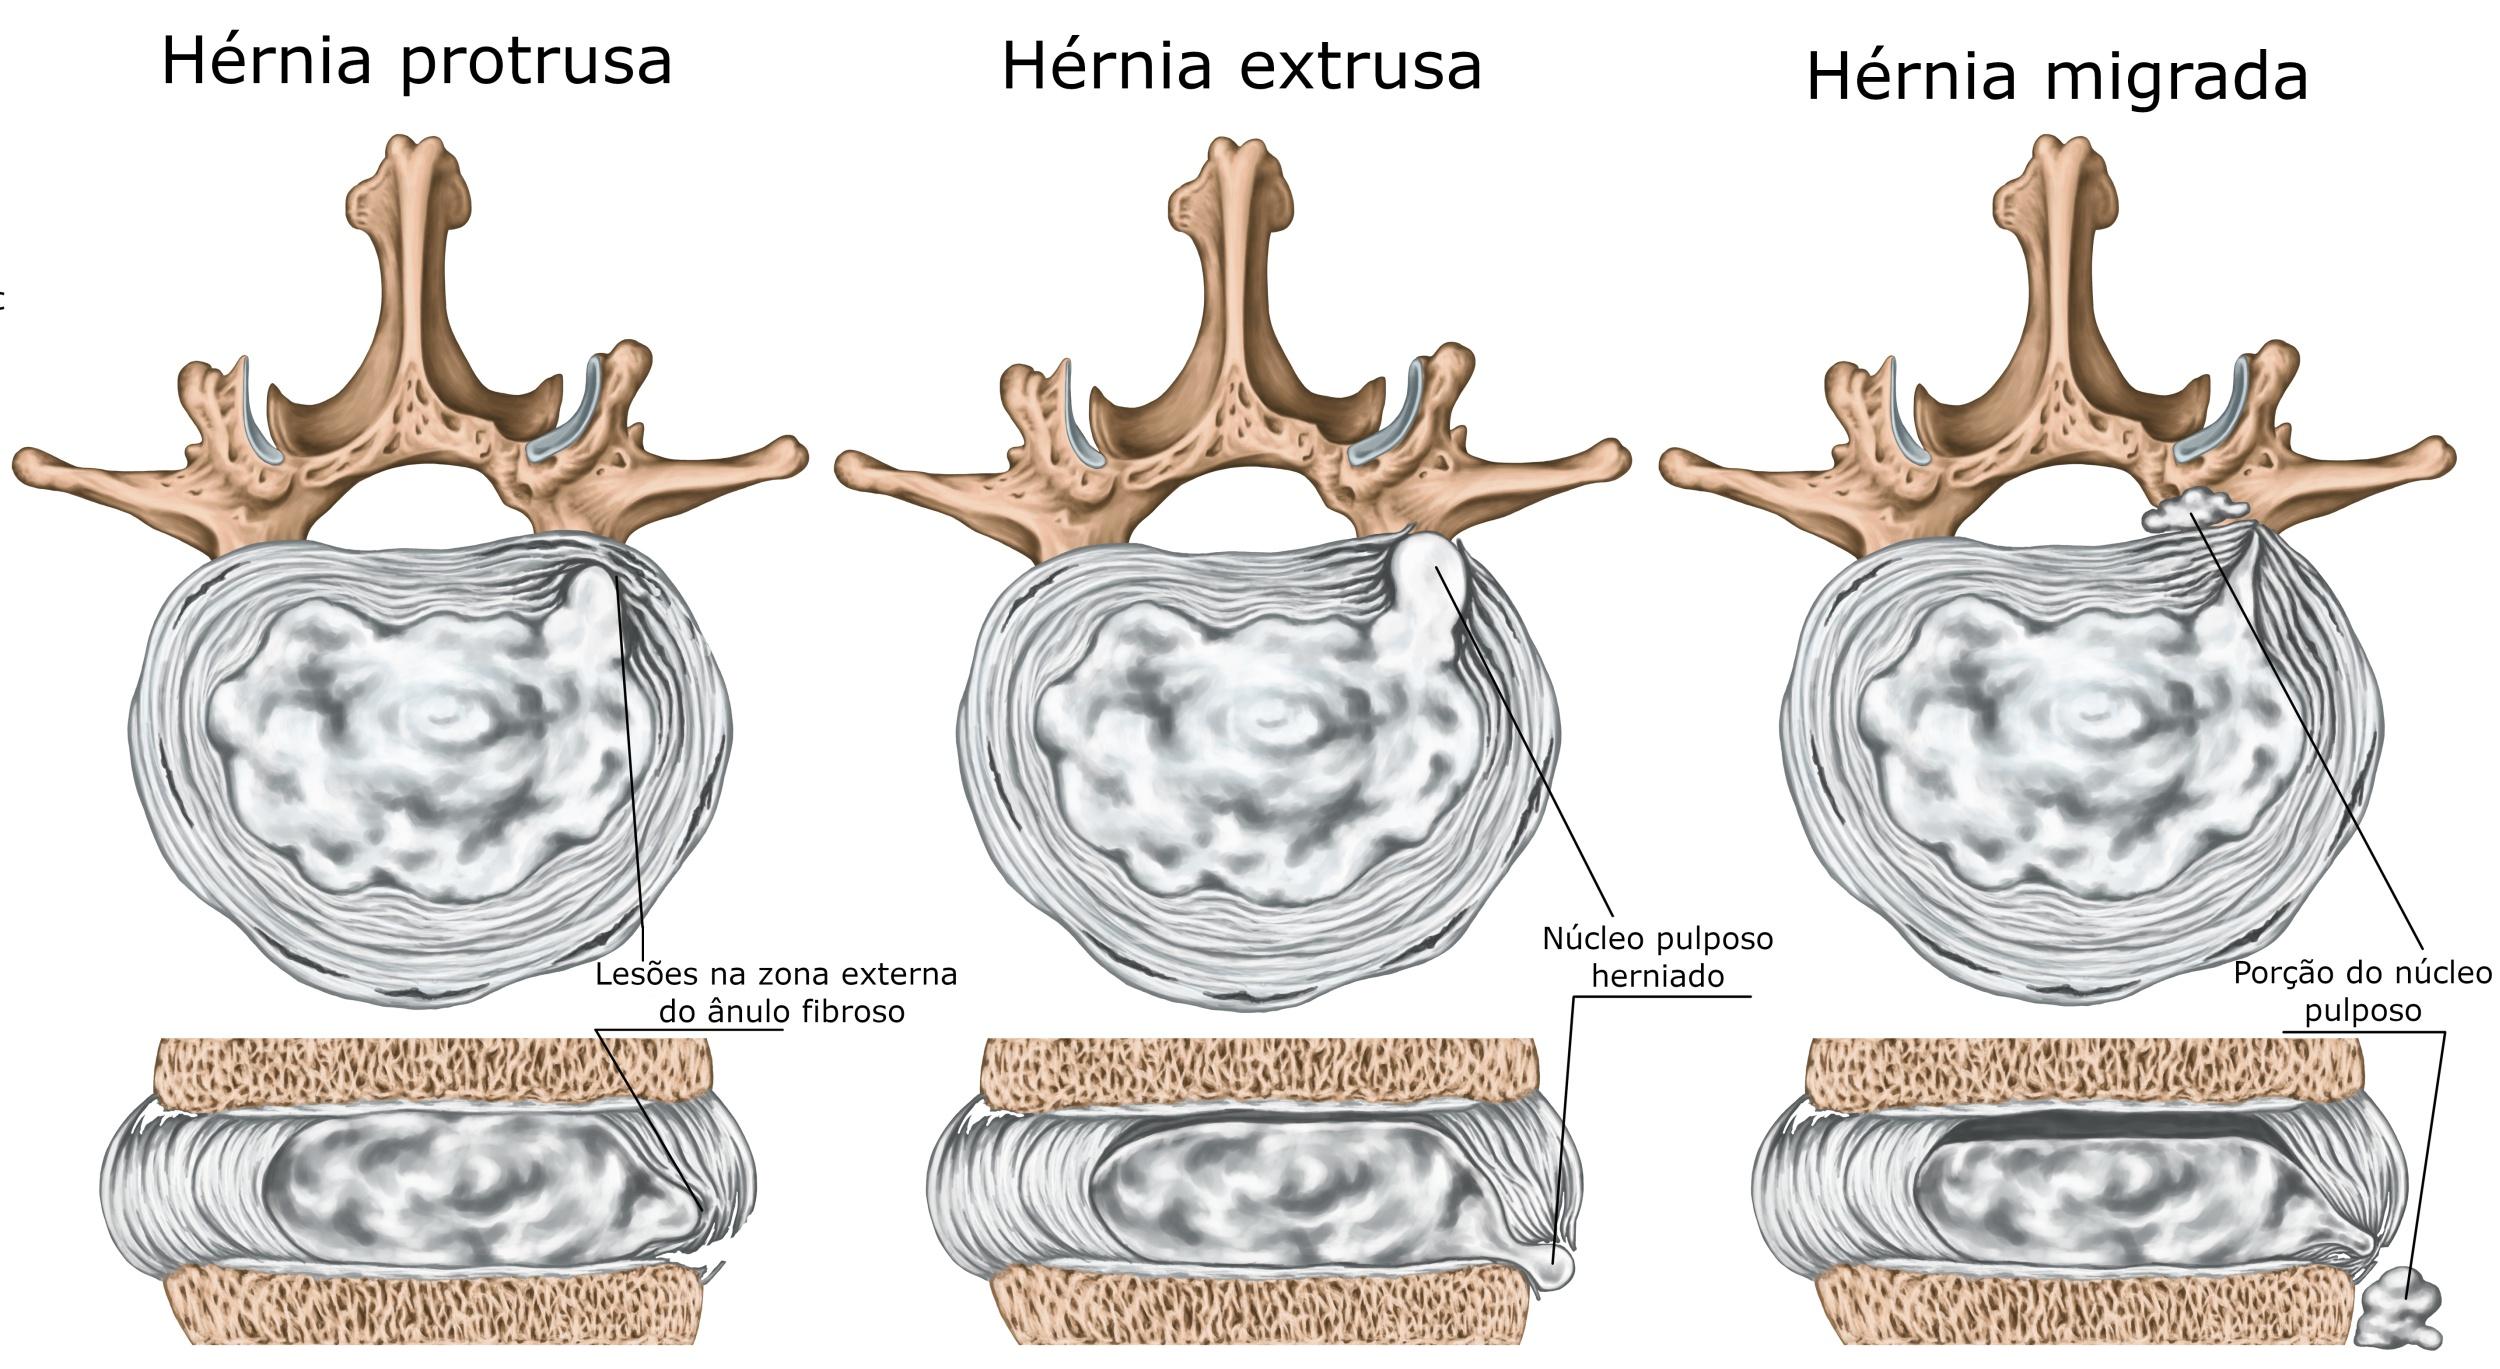 Hérnia de disco - tipos, causas, sintomas, tratamentos - Ortopedia ...